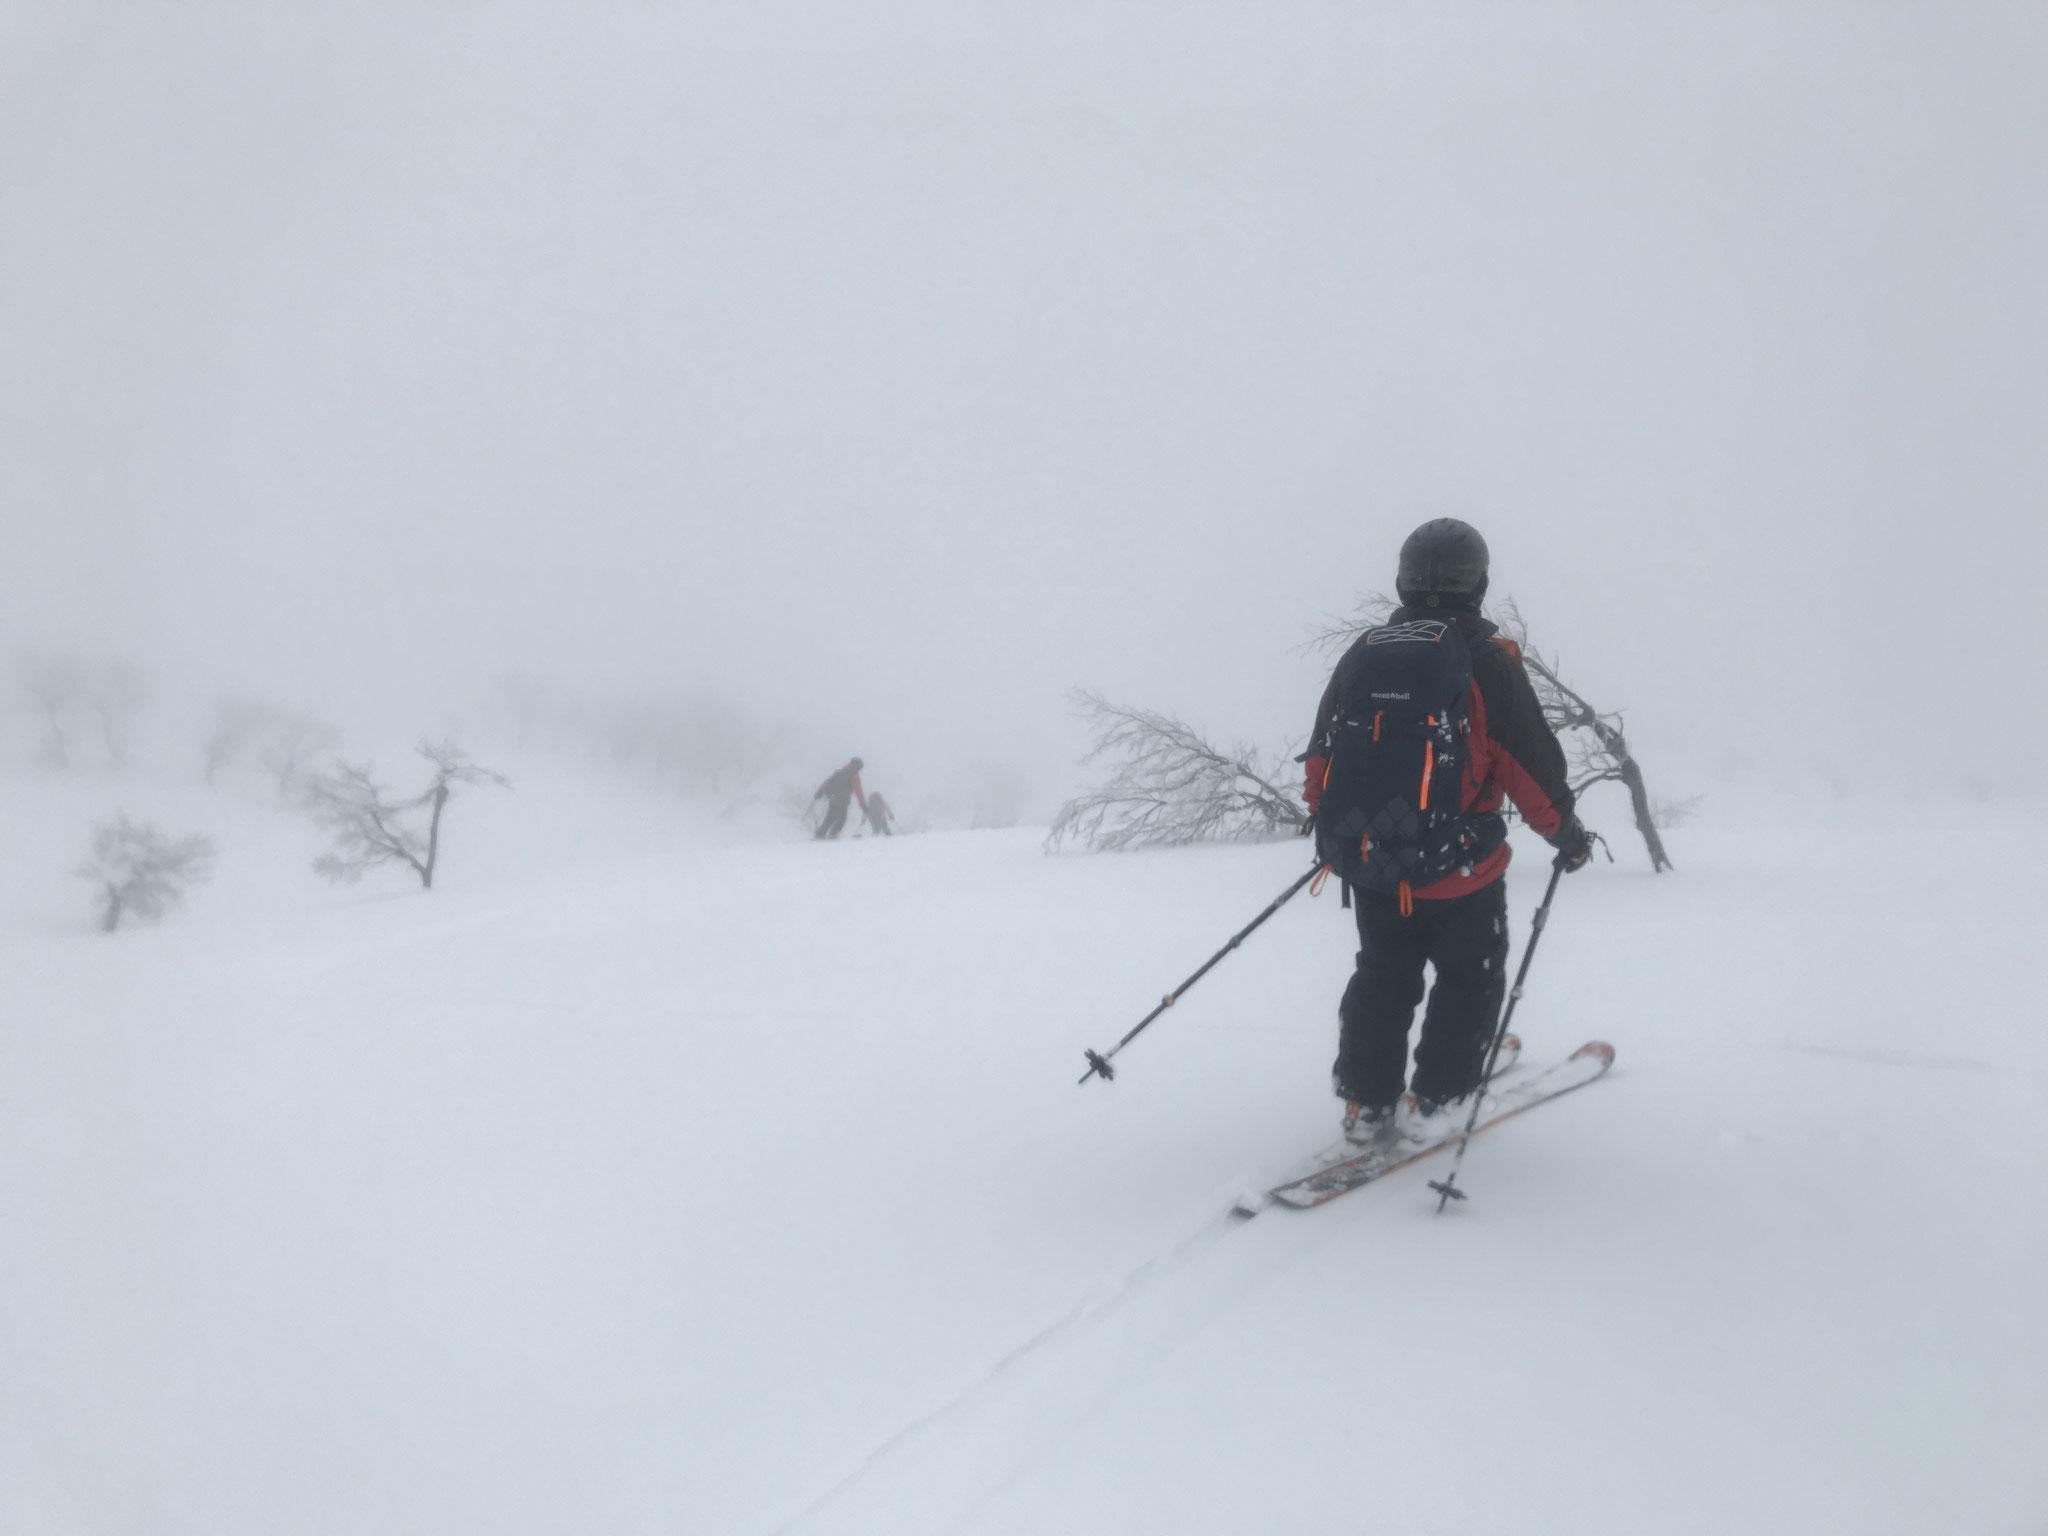 上部は雪質良いが、視界が悪く、思い切って滑れない